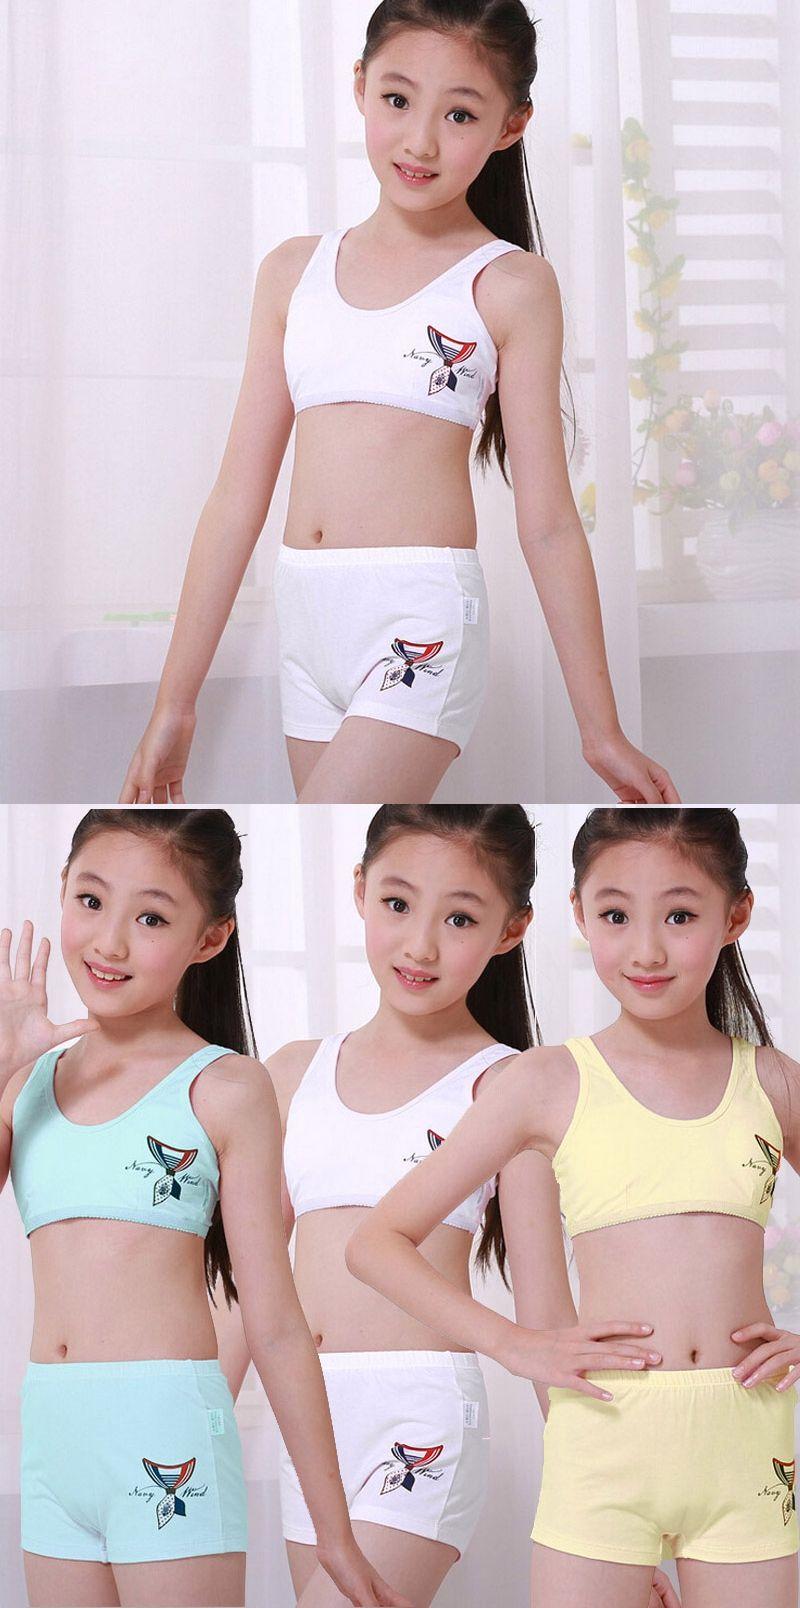 ebd39233fd Children Underwear Set Kids Puberty Young girl student Bras 100% cotton underwear  set with bra